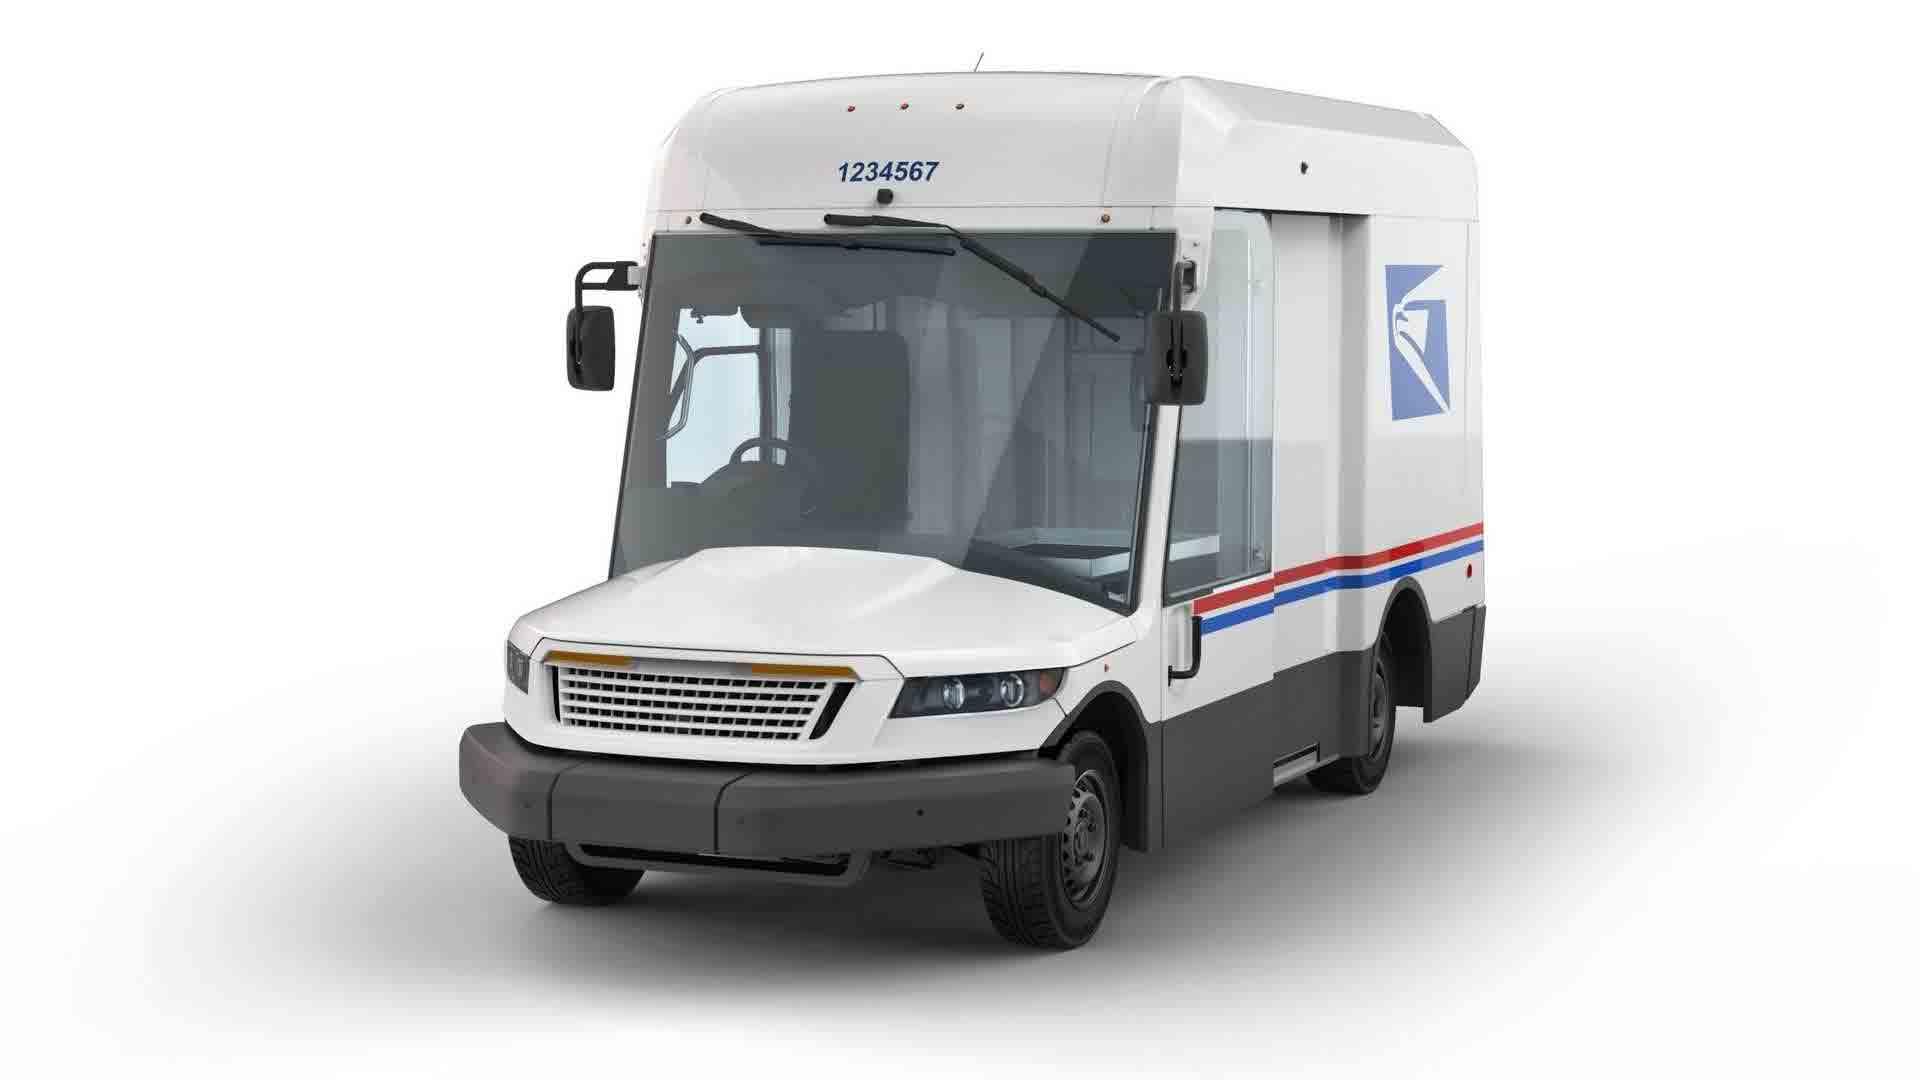 O novo caminhão do correios  parece ter saído de um desenho animado. Foto: Divulgação